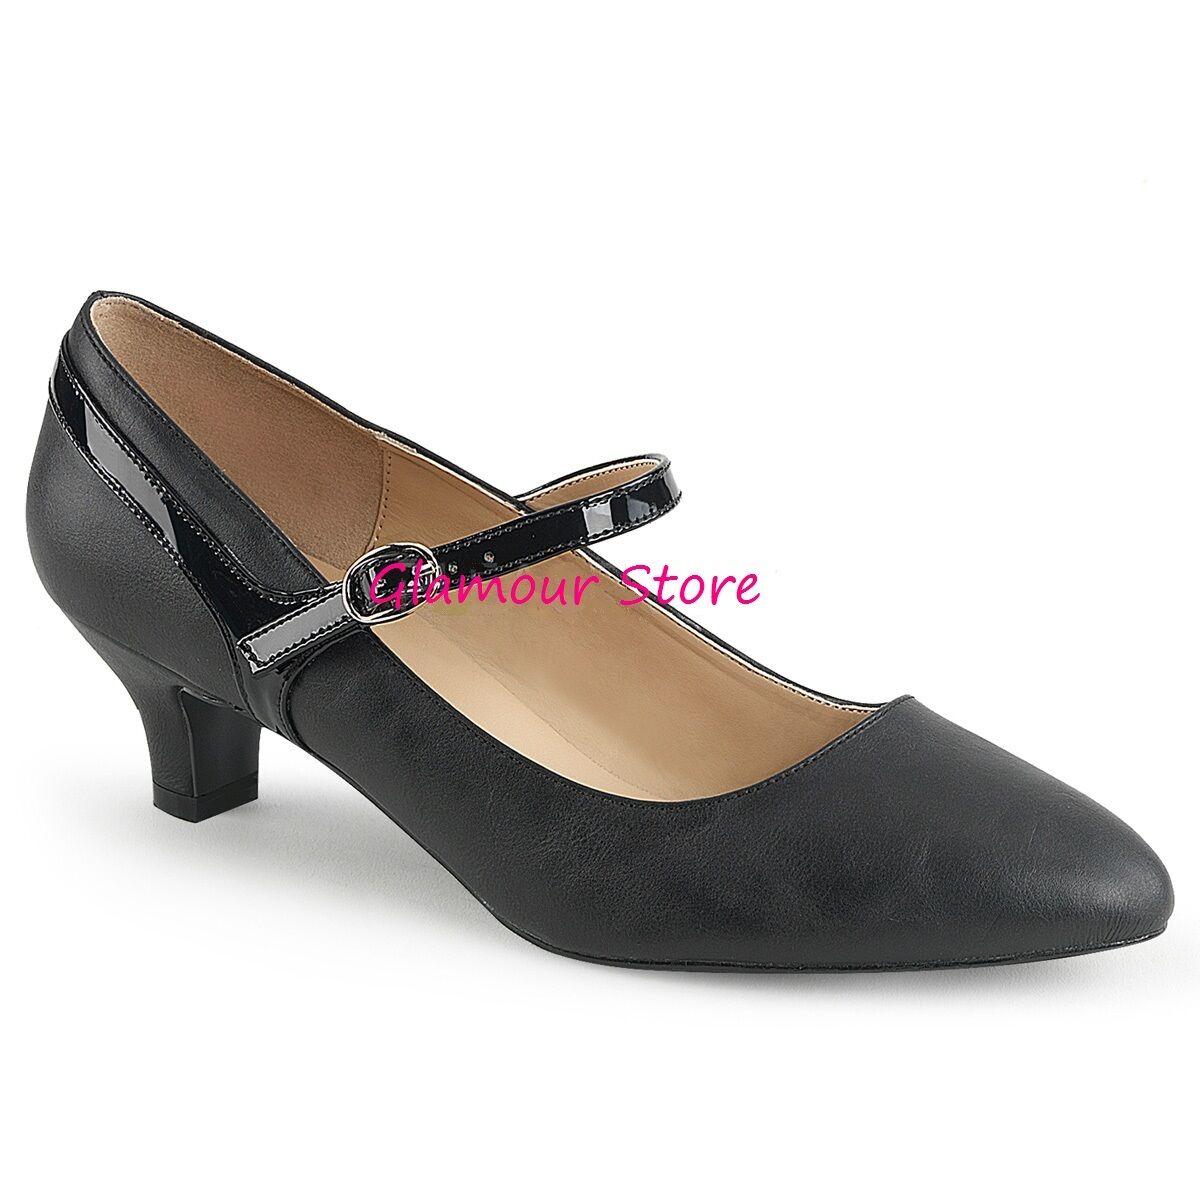 Descuento barato Sexy DECOLTE' Mary Jane tacco 5 cm NERO dal 39 al 46 cinturino scarpe GLAMOUR